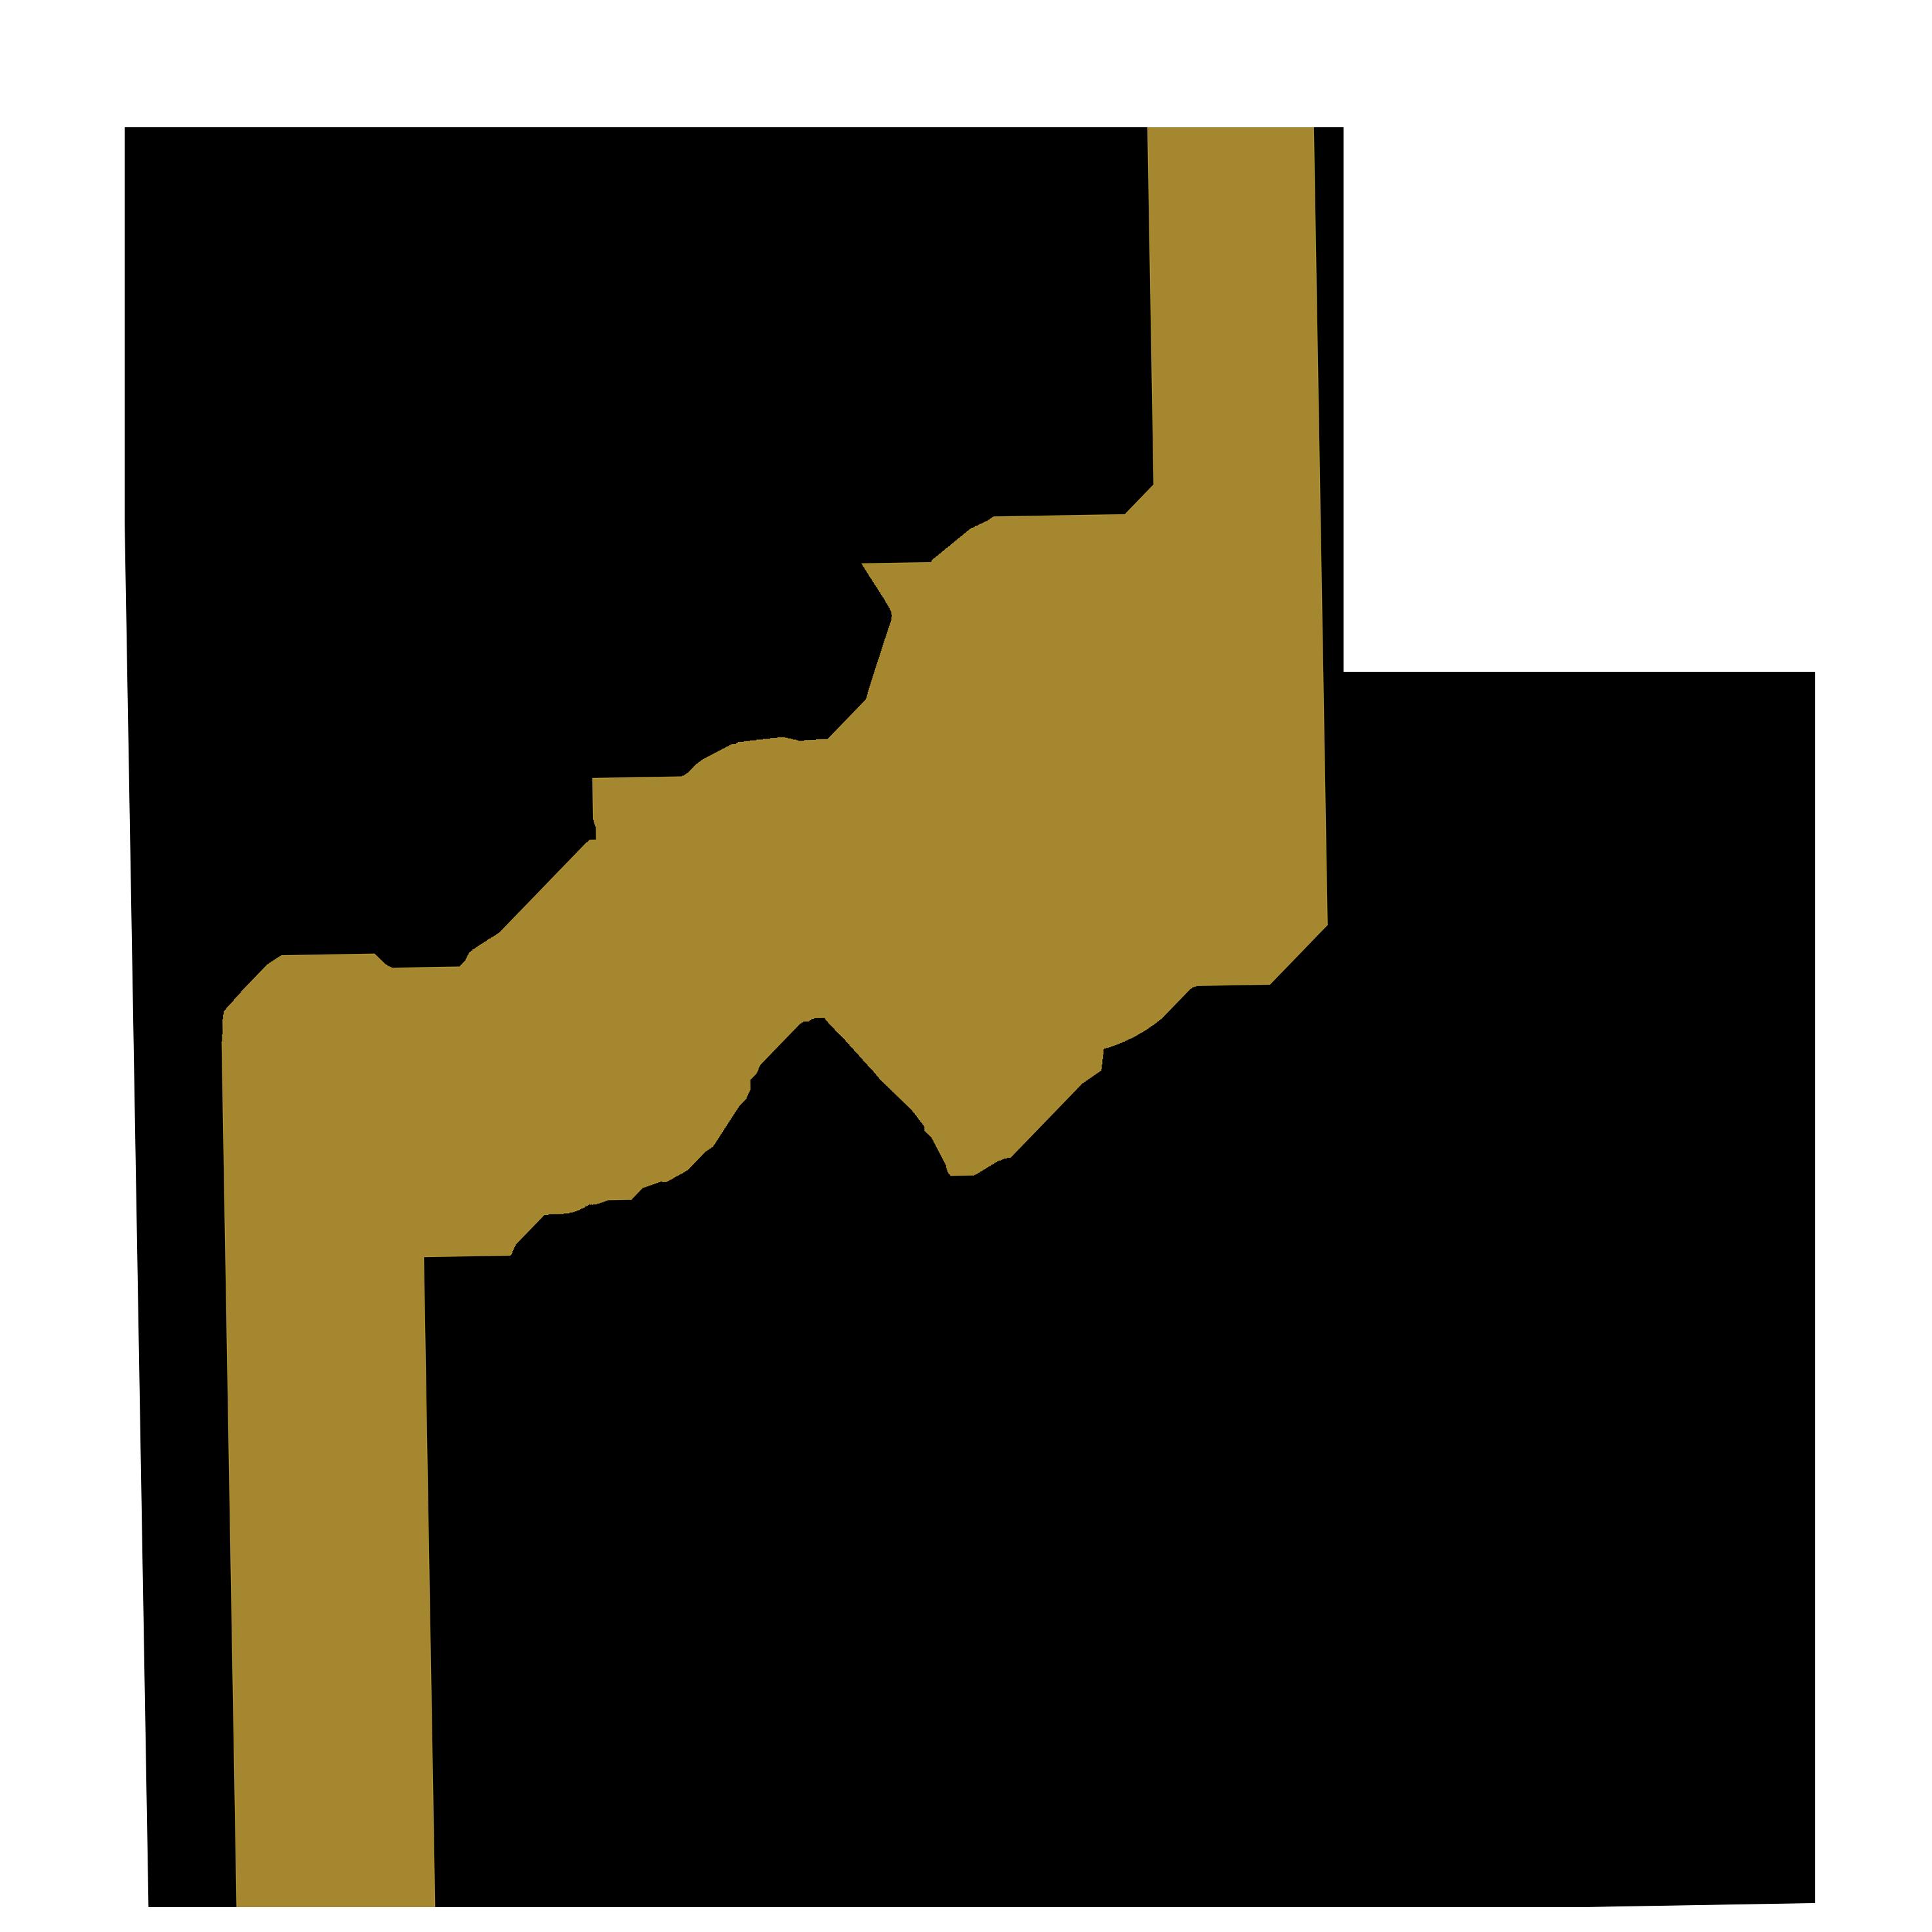 Salomon WMN Virtual Half logo